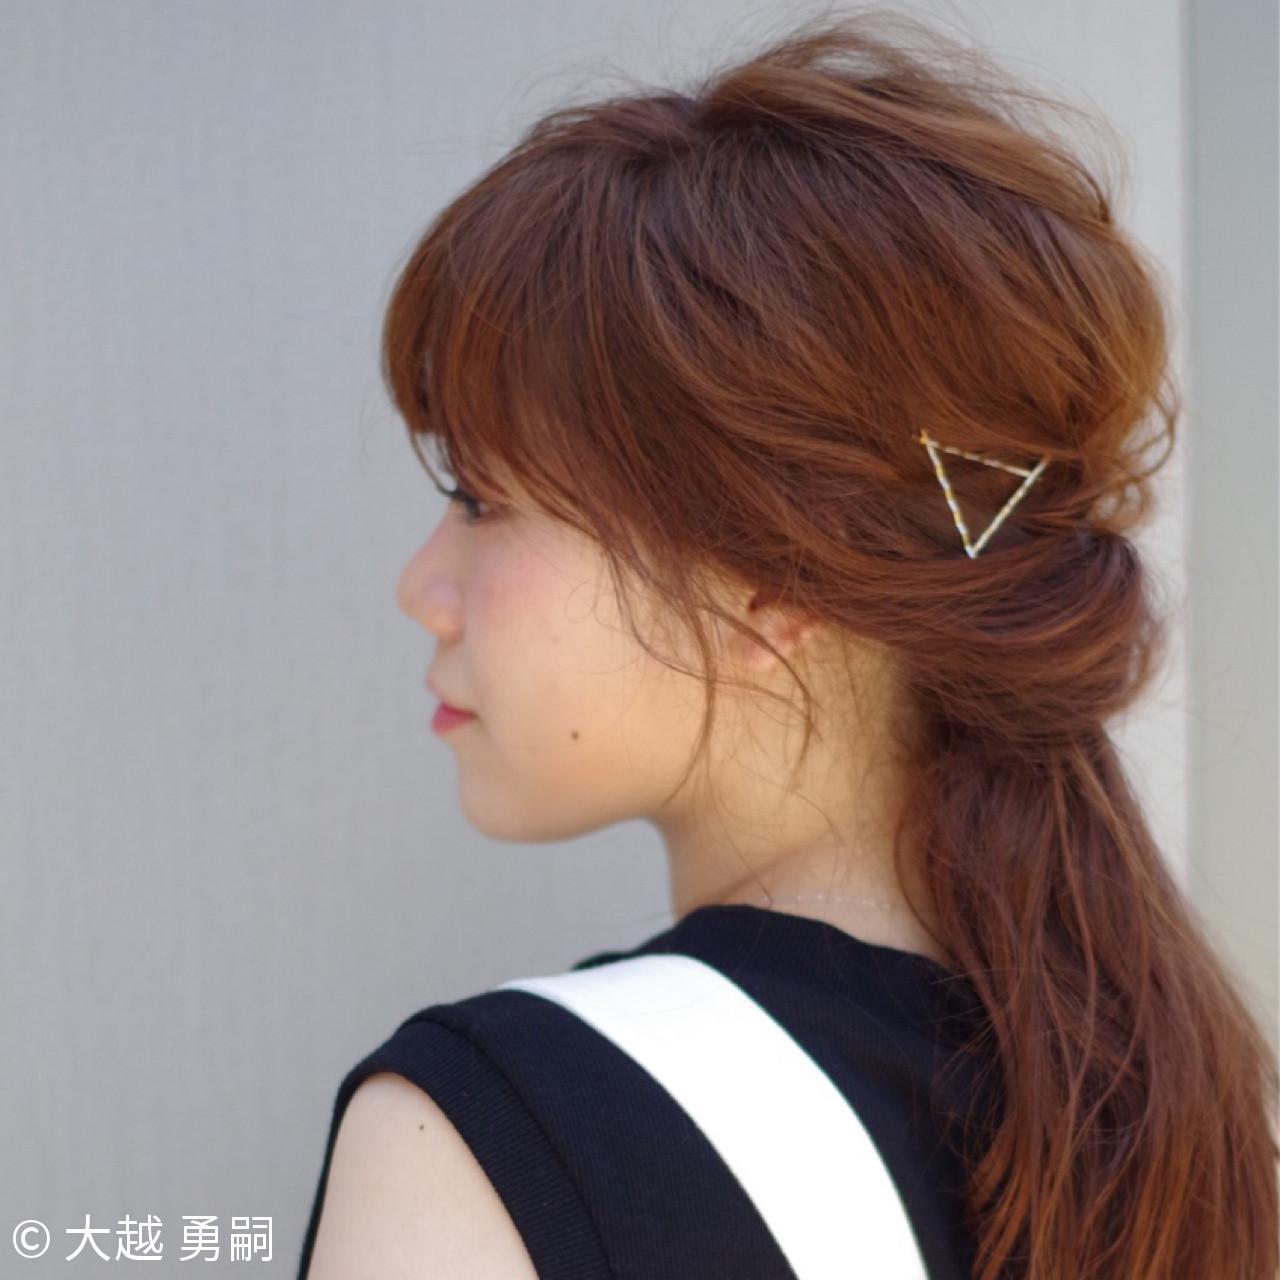 女の子は、アレンジでもっと可愛くなれる!アレンジしやすい髪型特集 大越 勇嗣